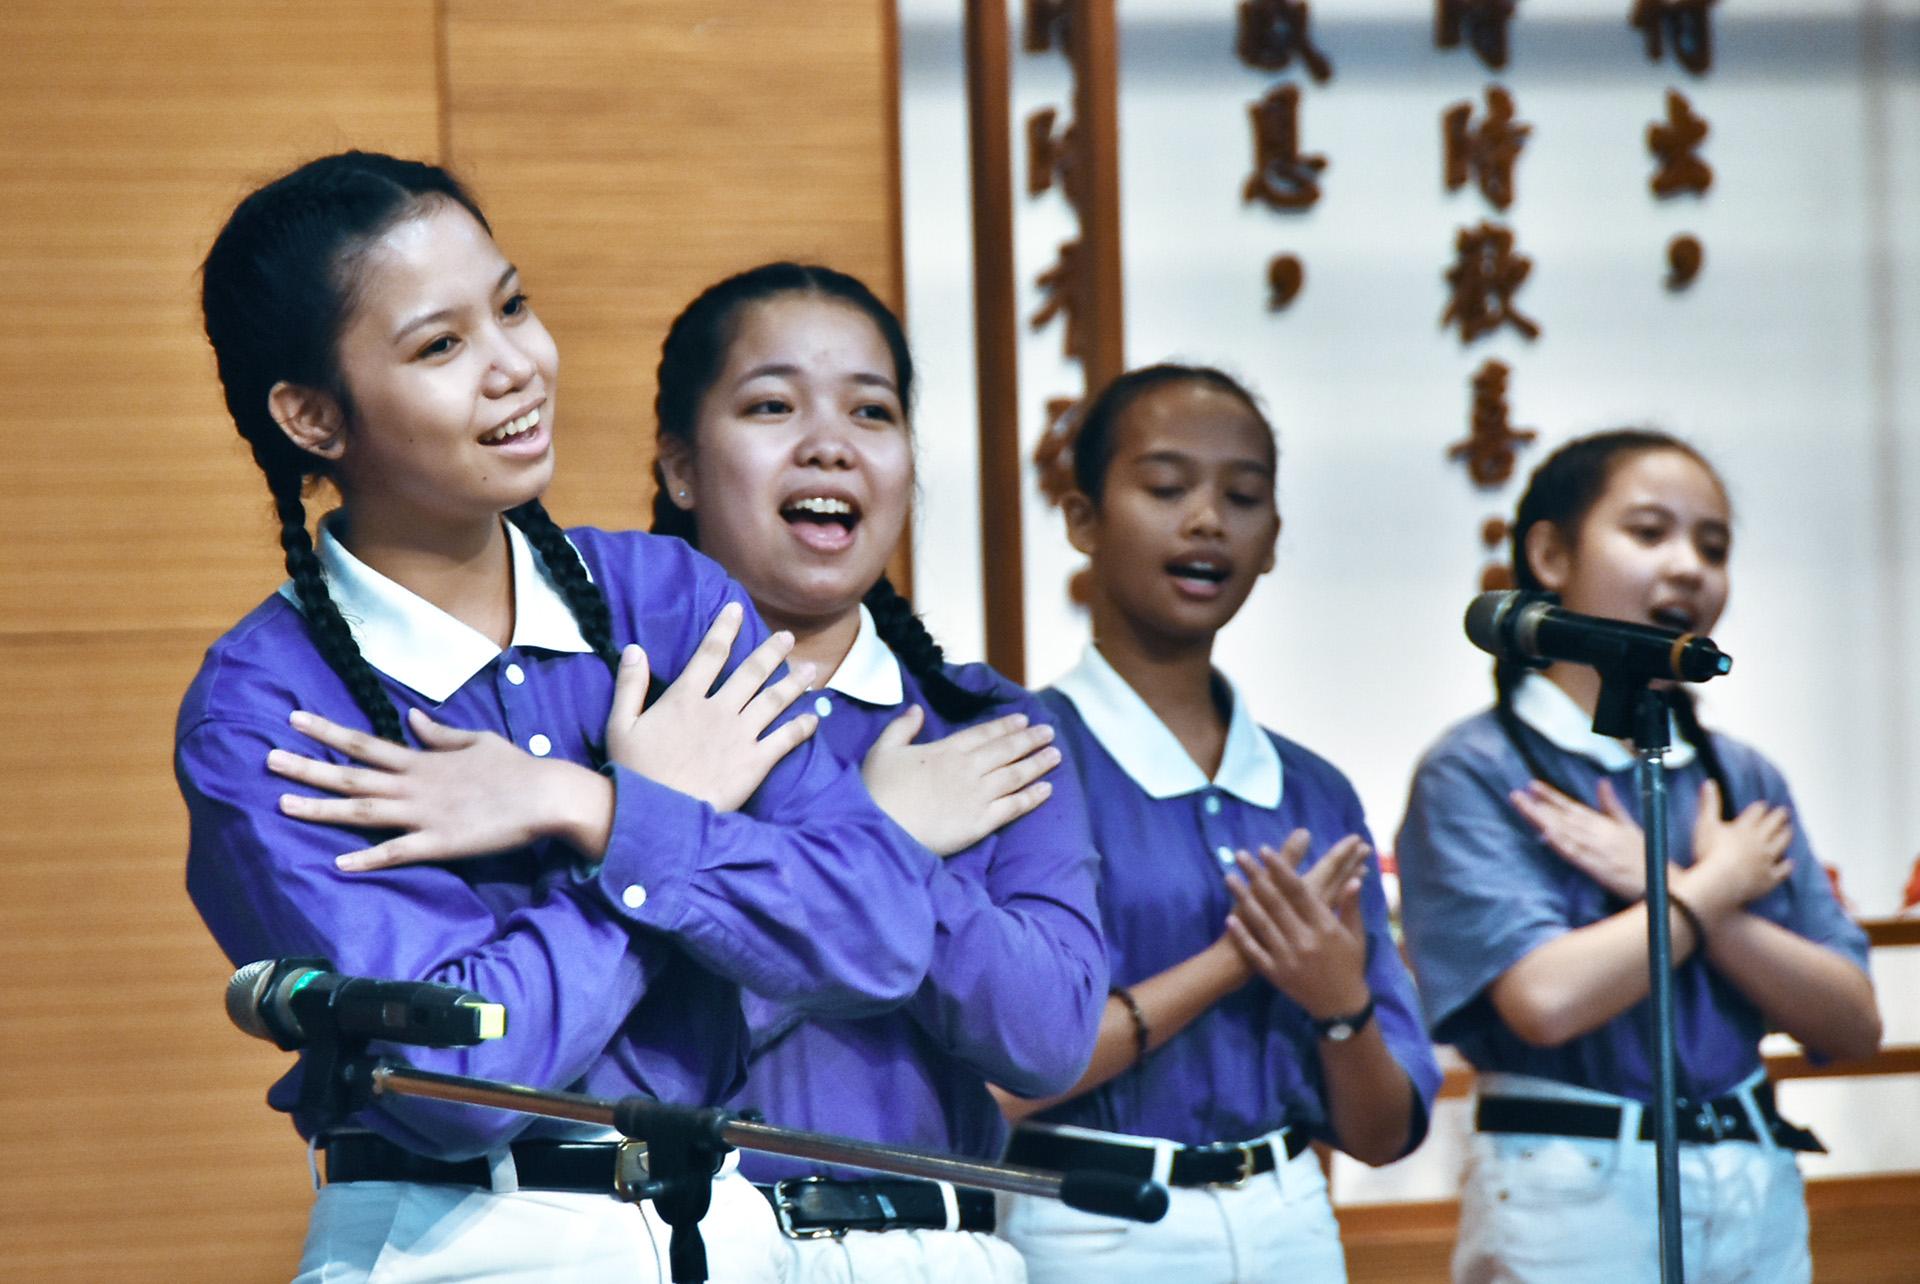 菲律賓學生透過歌聲,將心中的愛傳遞出去。